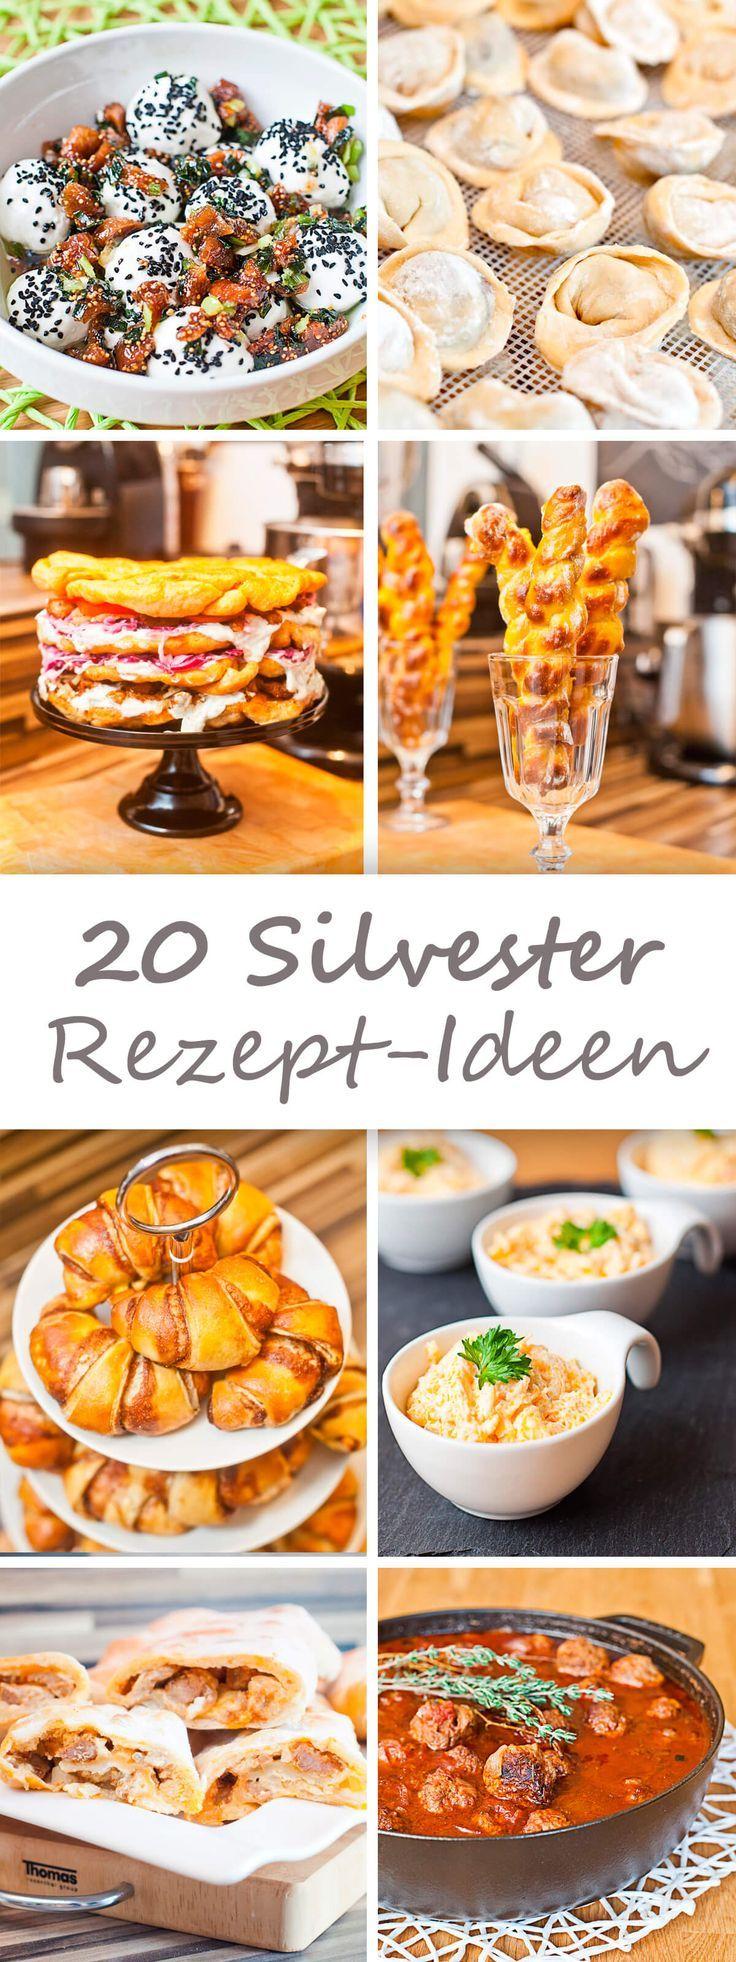 20 Silvester Rezept-Ideen   lecker macht laune